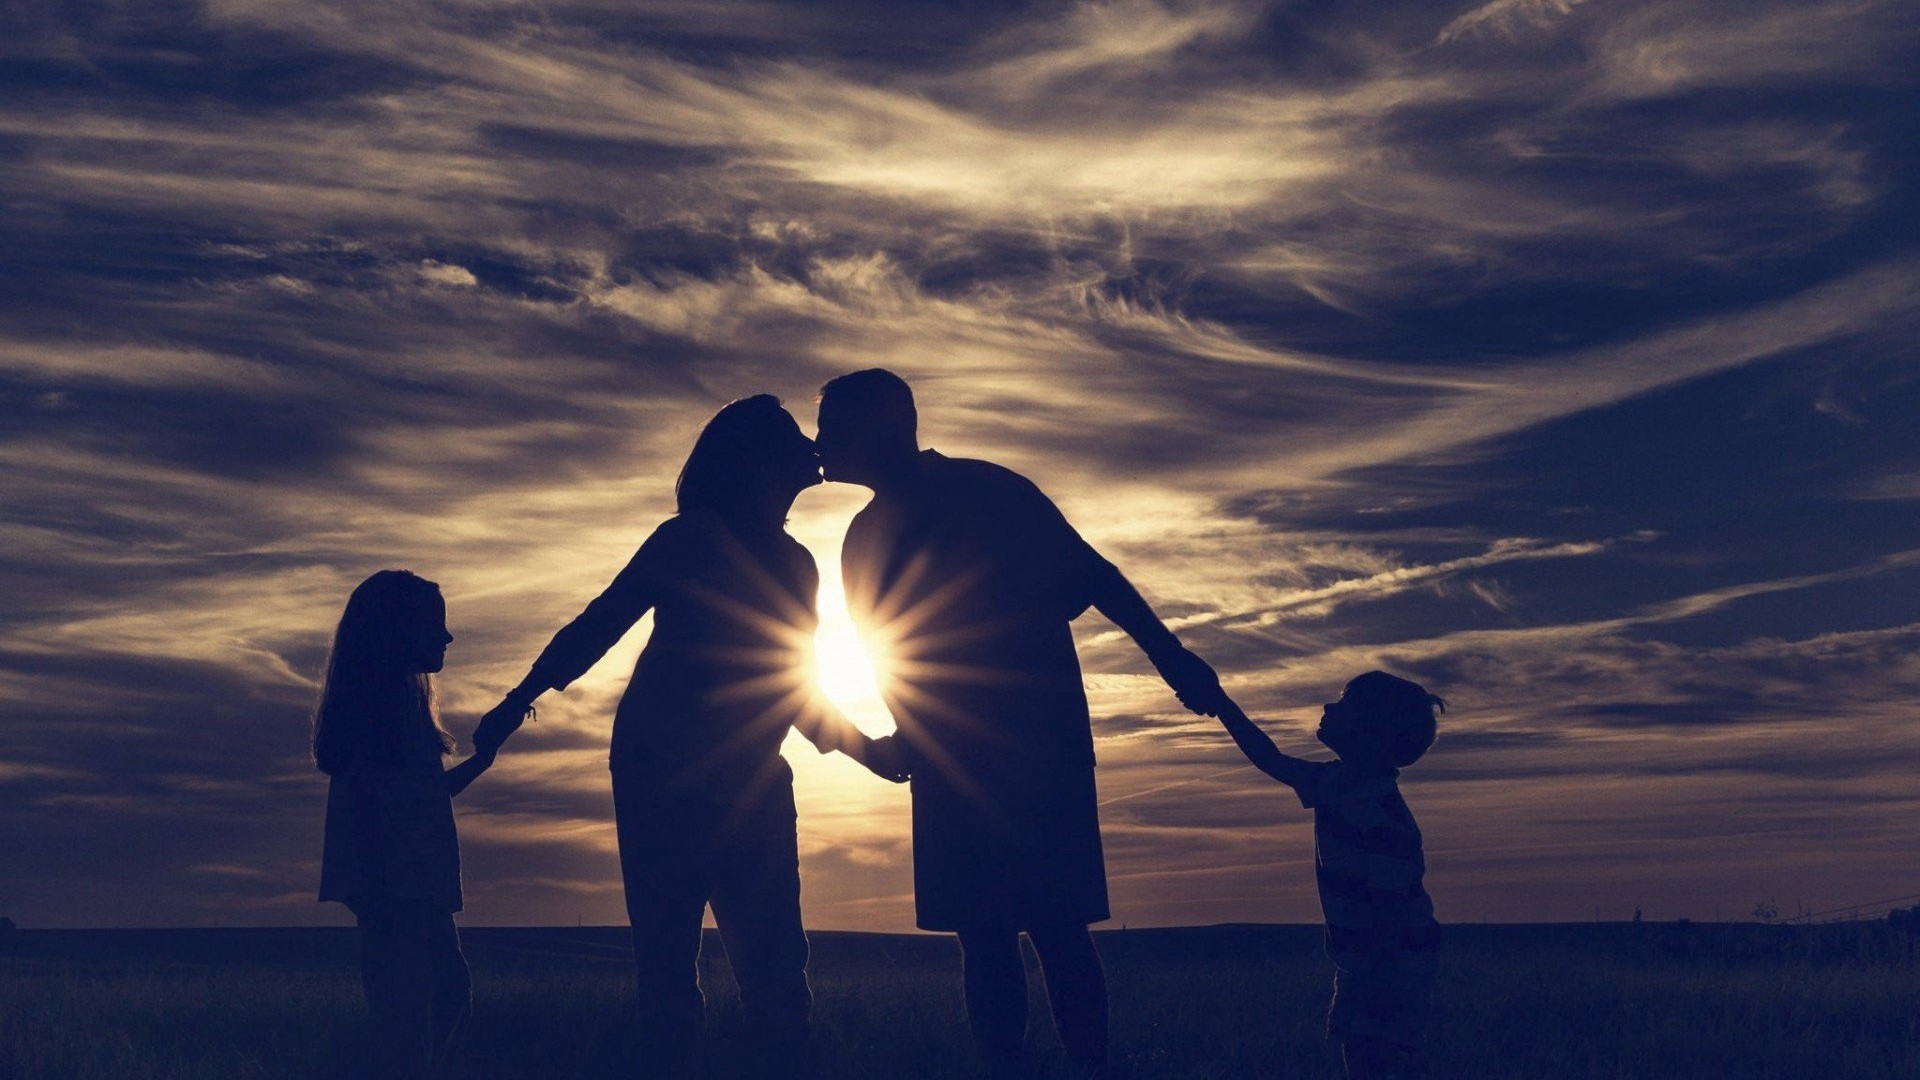 Hình nền tình yêu gia đình đẹp nhất